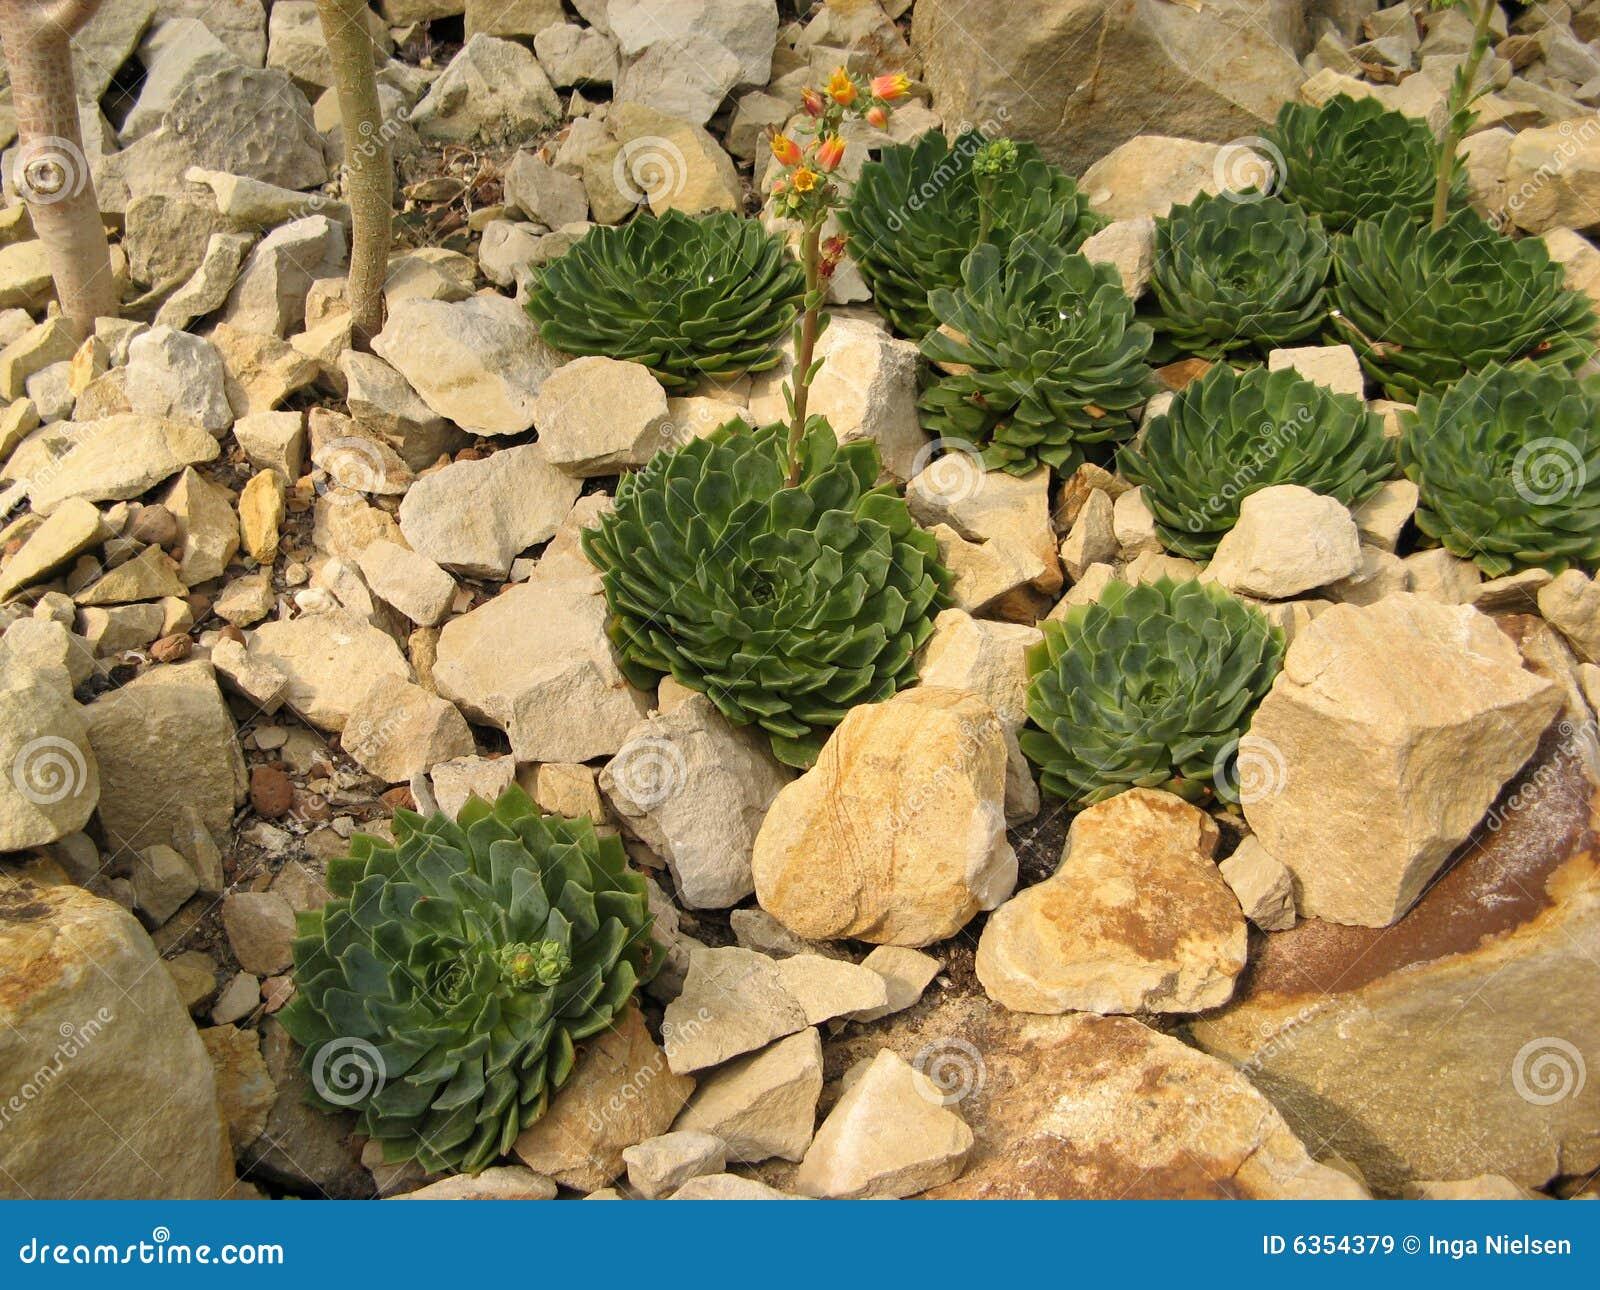 Plantas De Desierto Imágenes de archivo libres de regalías  Imagen